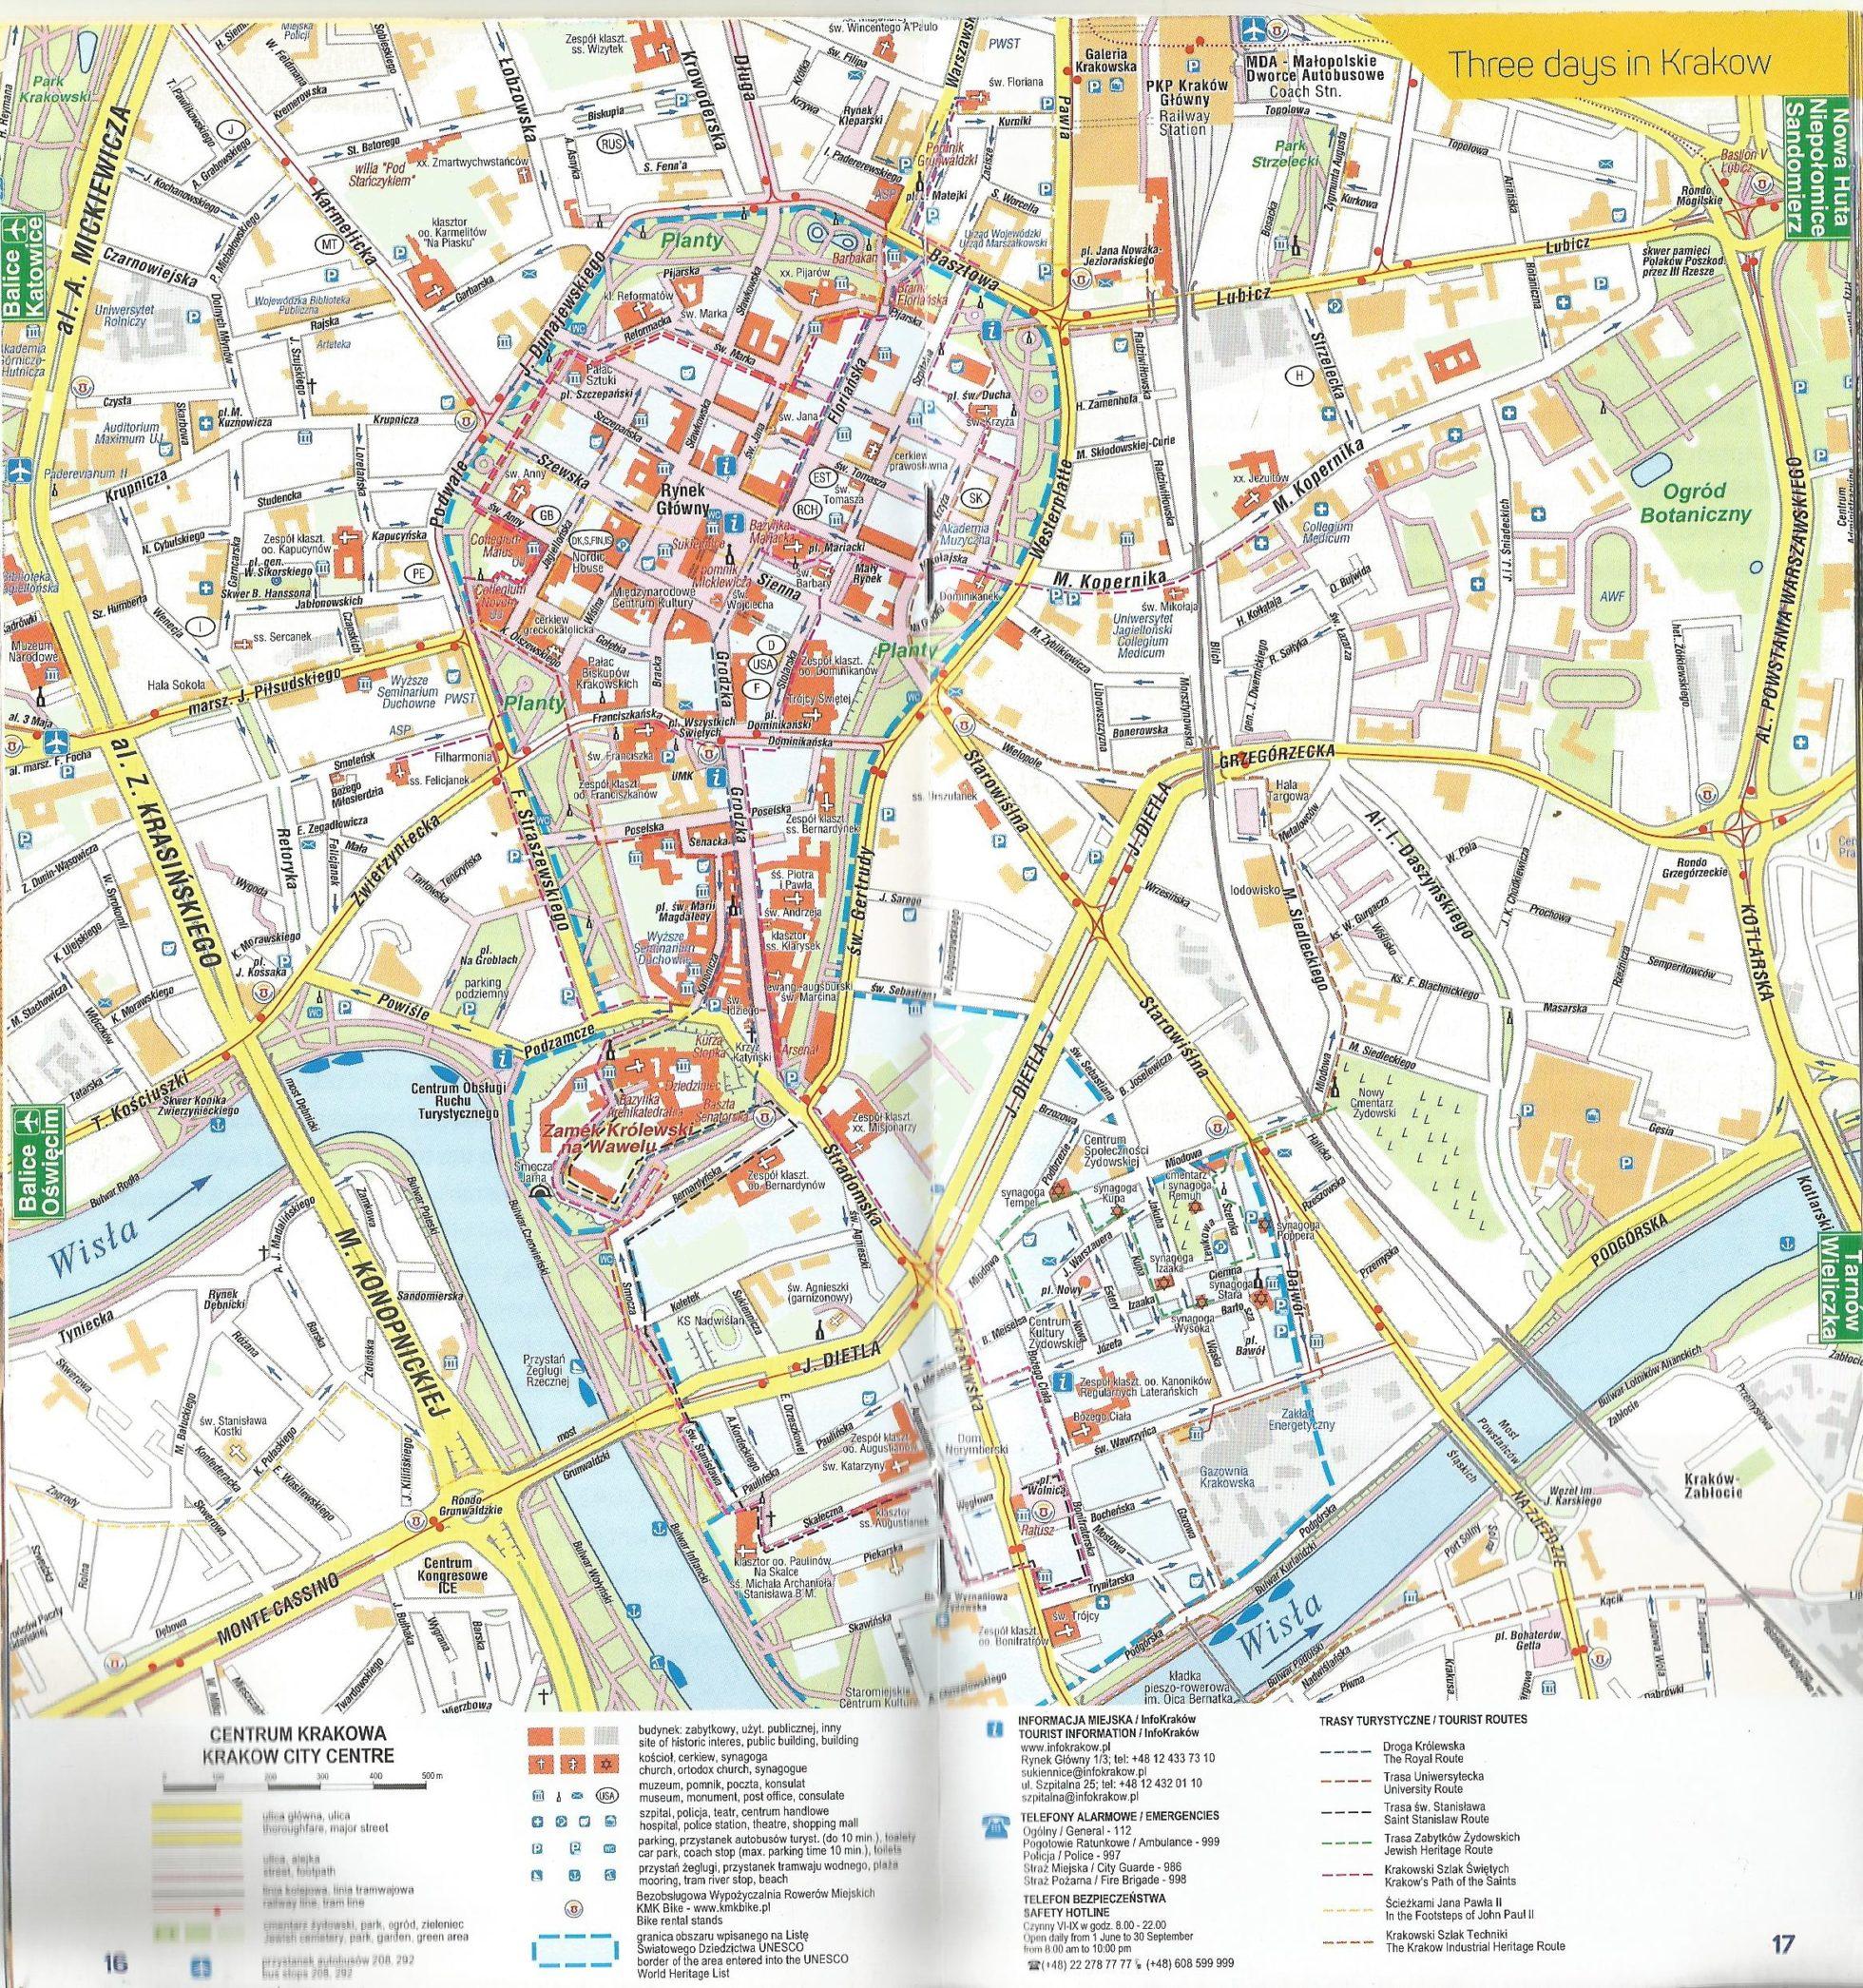 Mapa Cracóvia